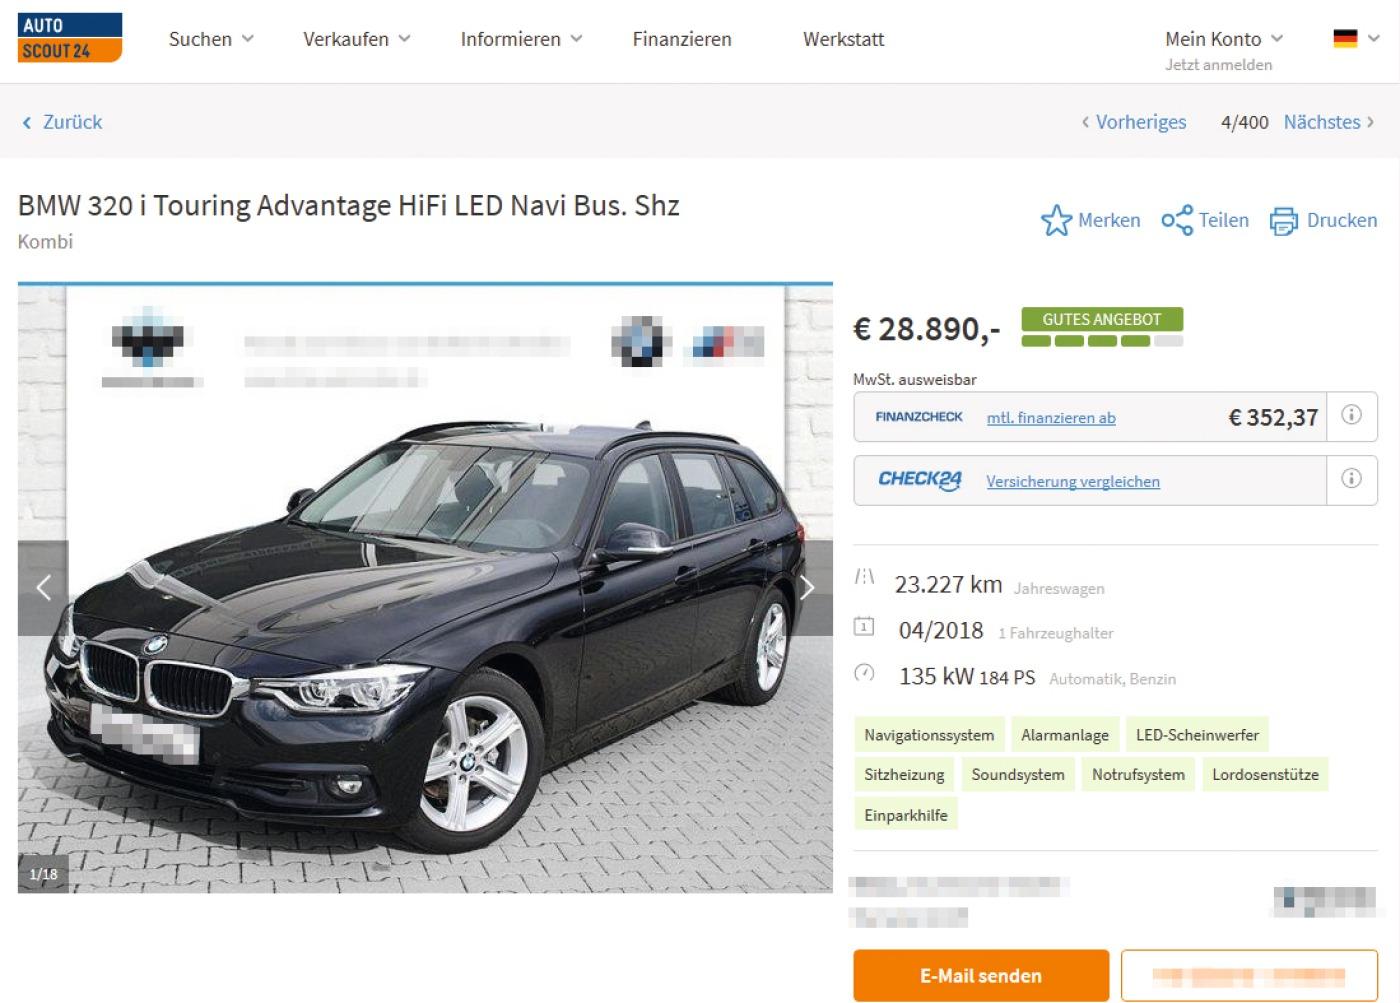 Preisangabe für einen Pkw im Onlinehandel